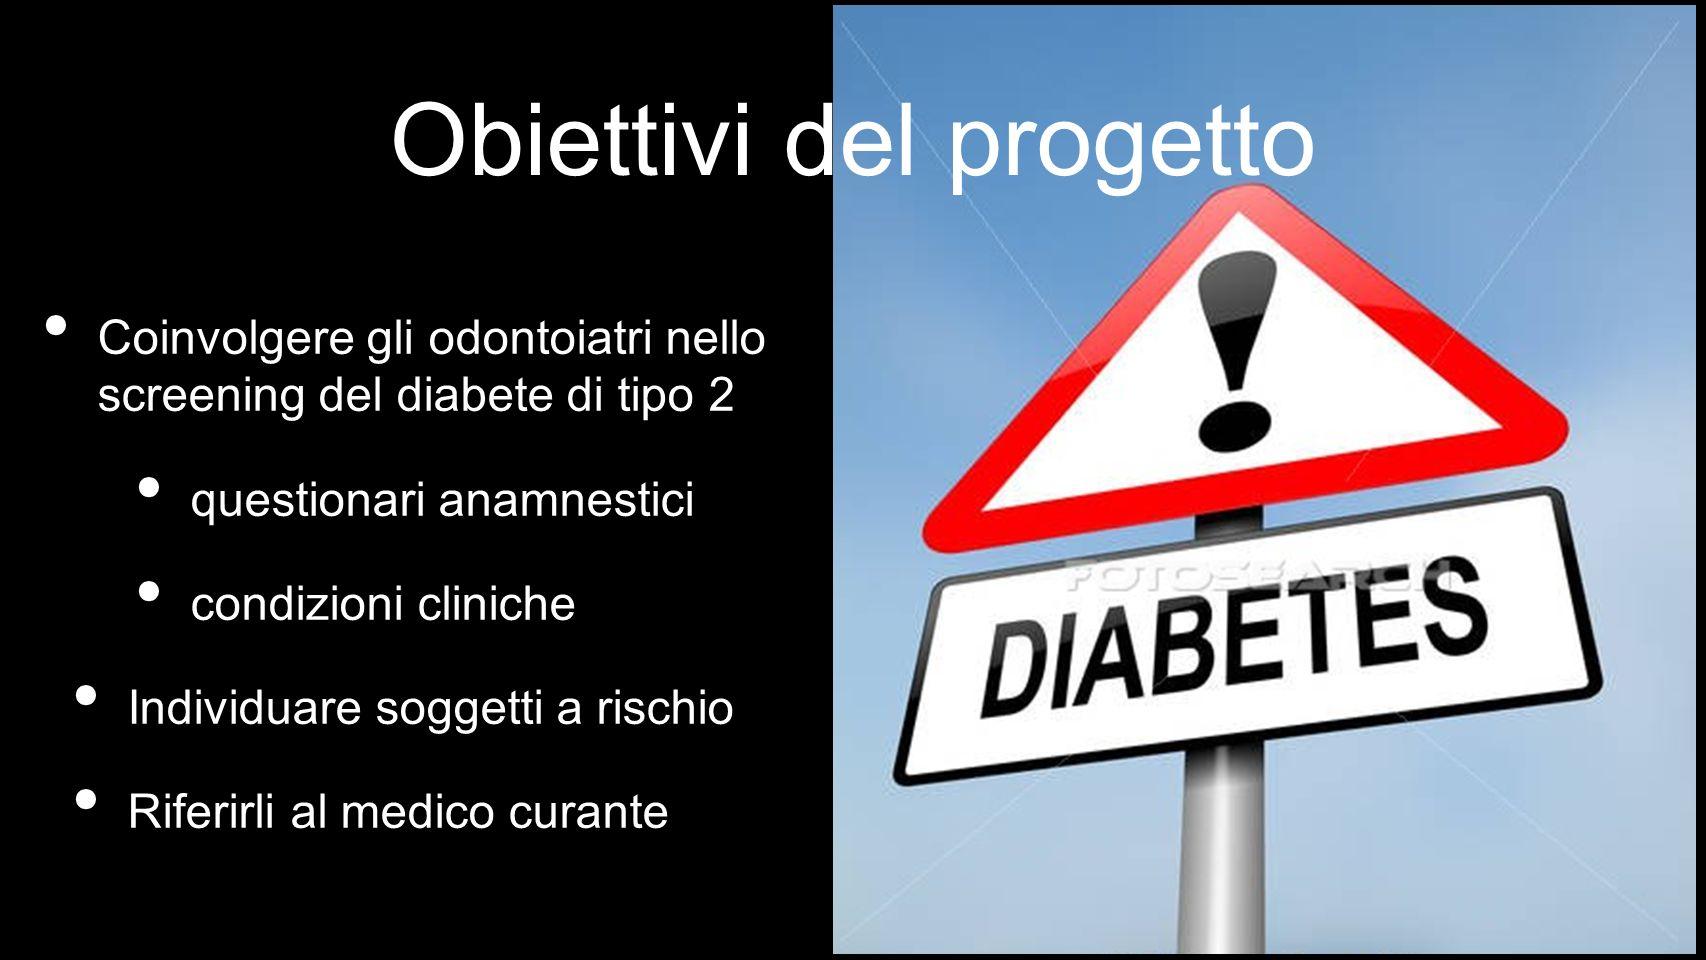 Coinvolgere gli odontoiatri nello screening del diabete di tipo 2 questionari anamnestici condizioni cliniche Individuare soggetti a rischio Riferirli